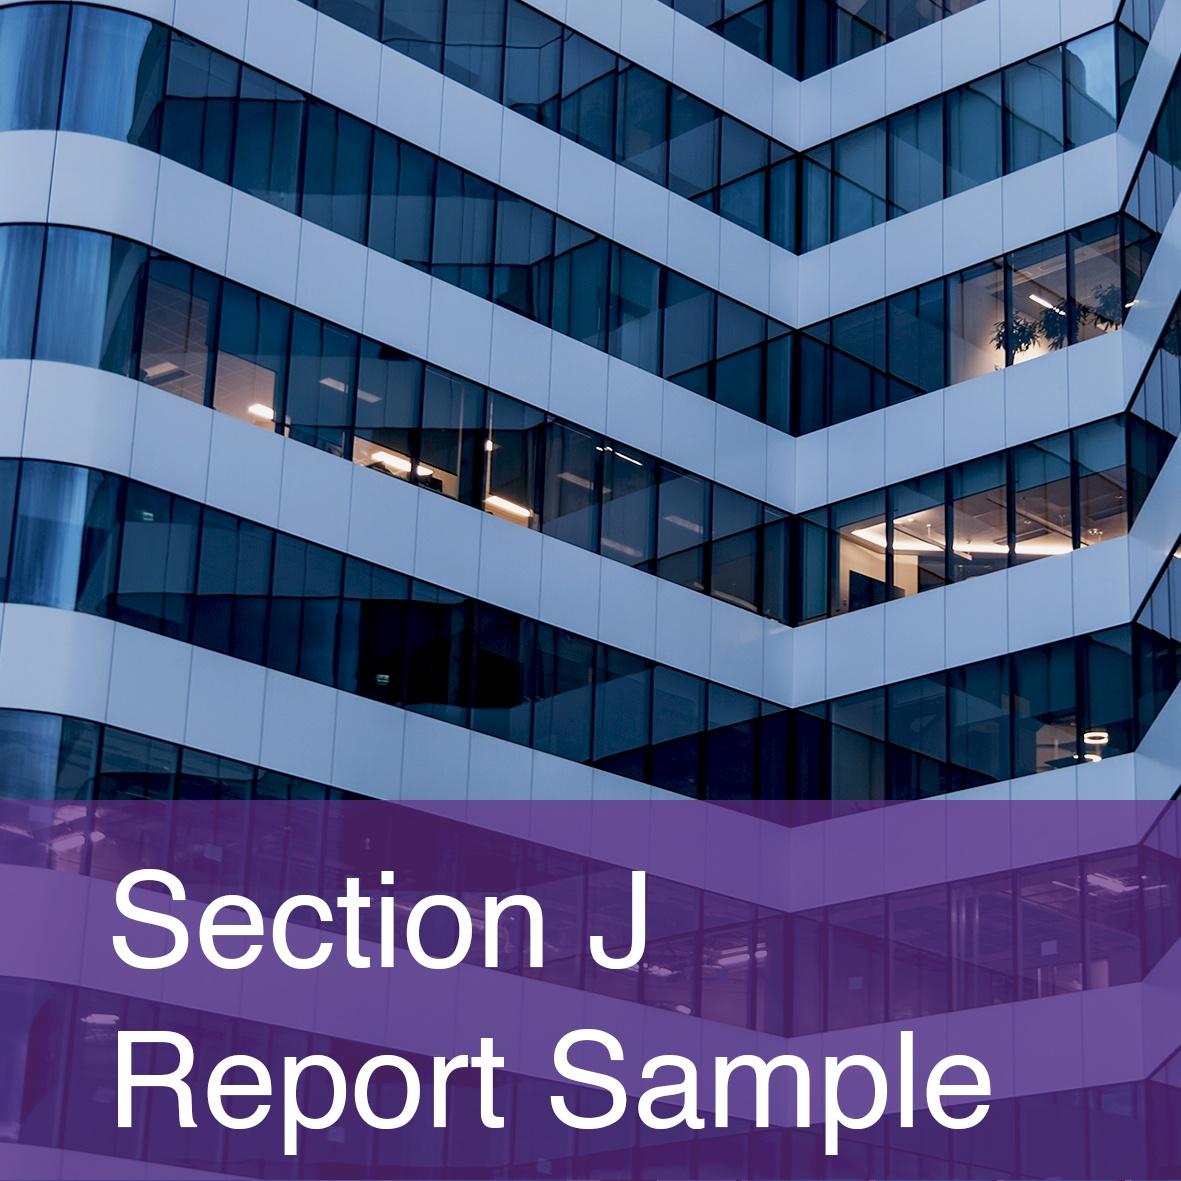 SectionJReportSample.jpg